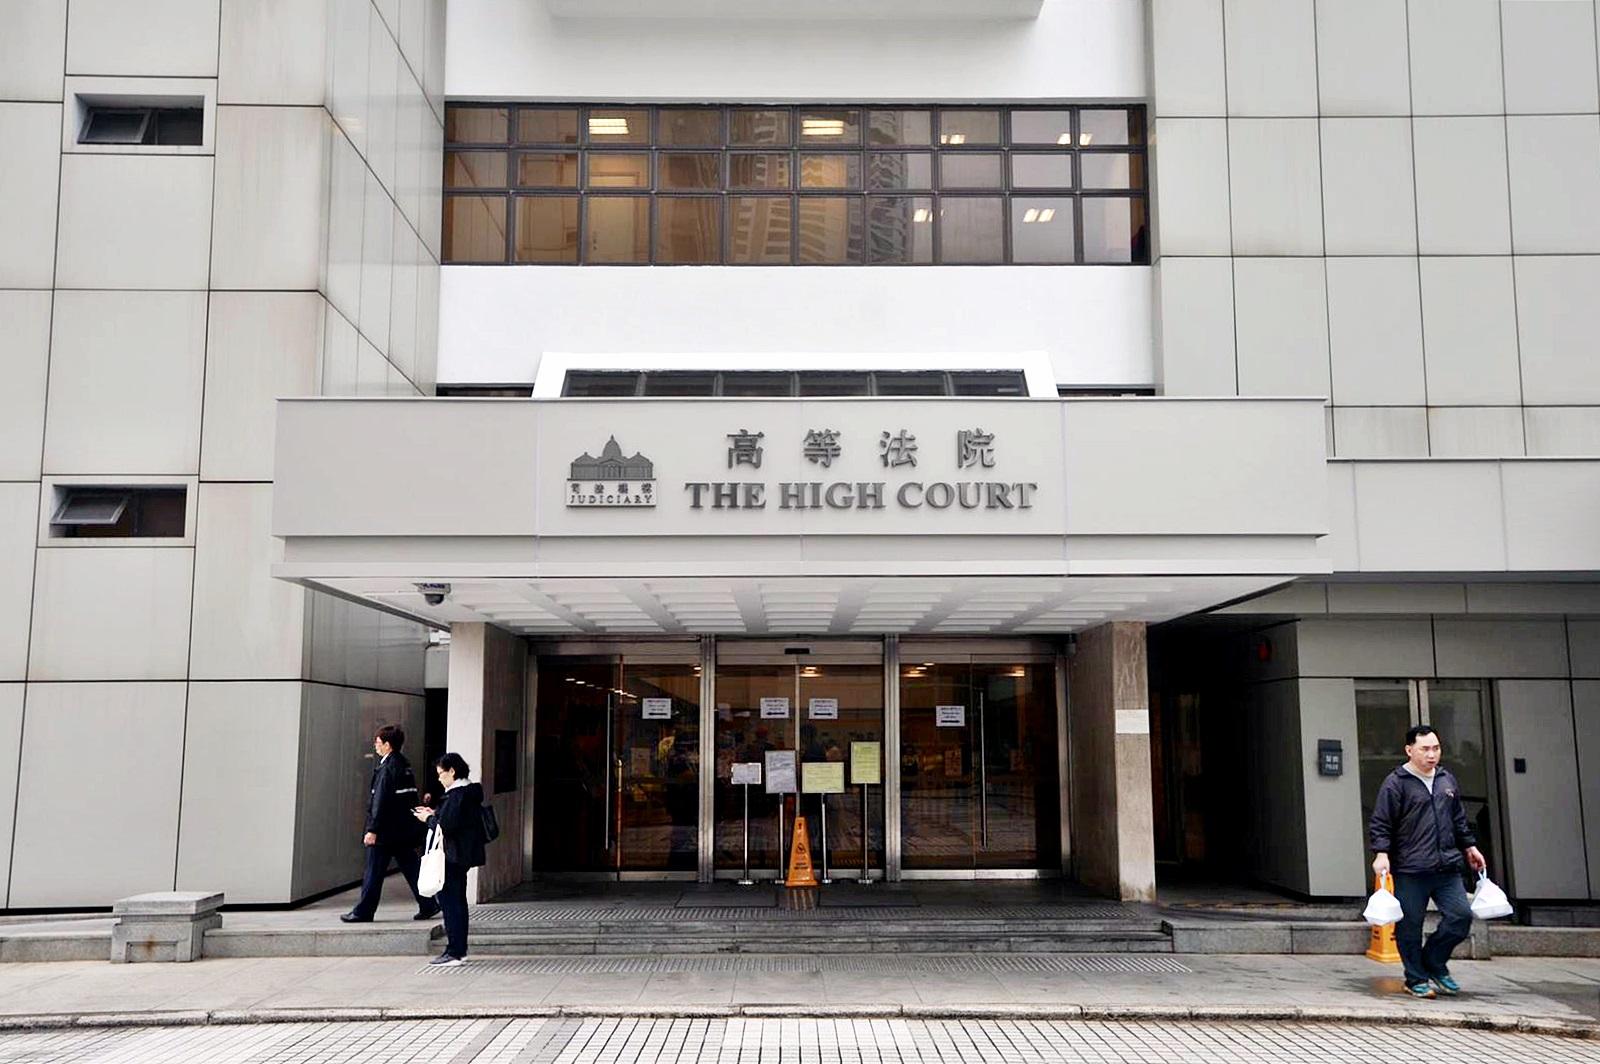 20191118 high court.jpg